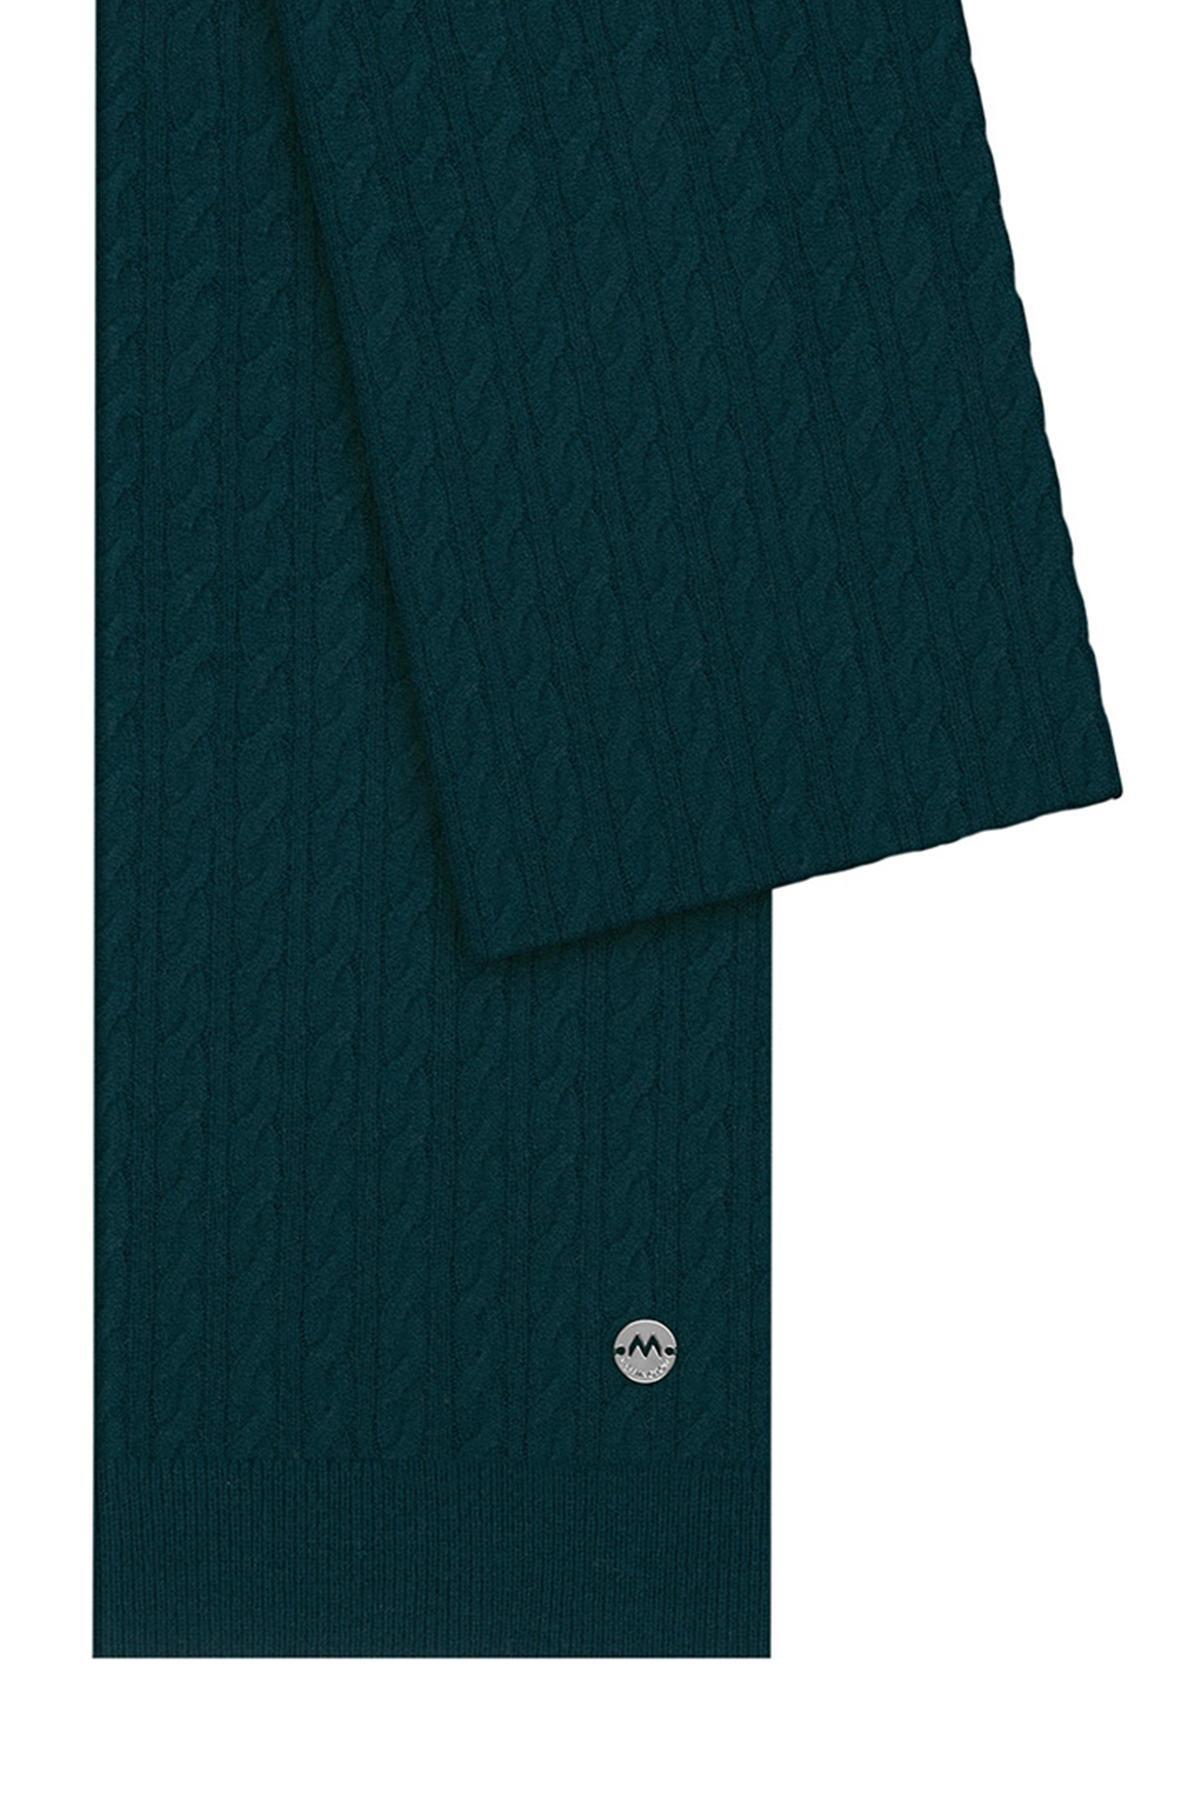 Lambswool Yün Koyu Yeşil Atkı